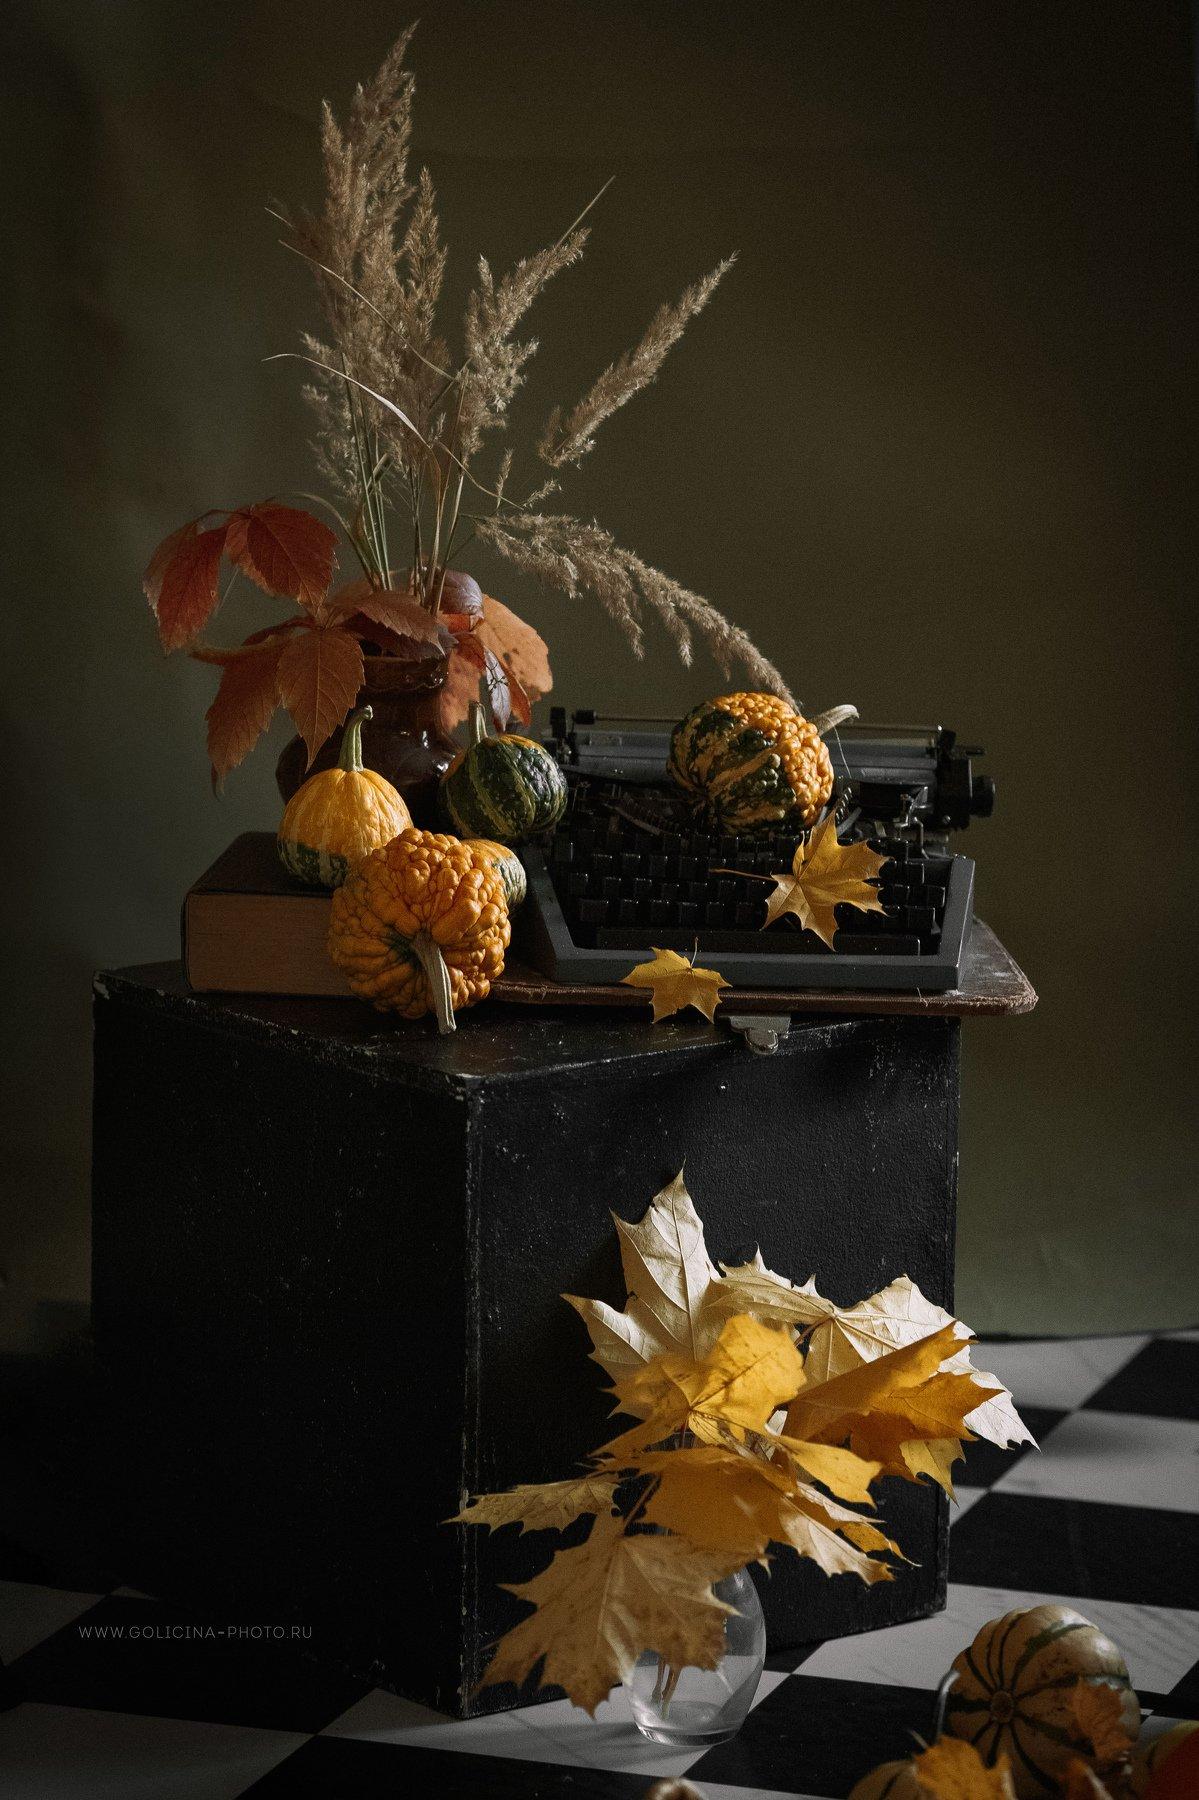 студия осень тыквы, Svetlana Golicyna